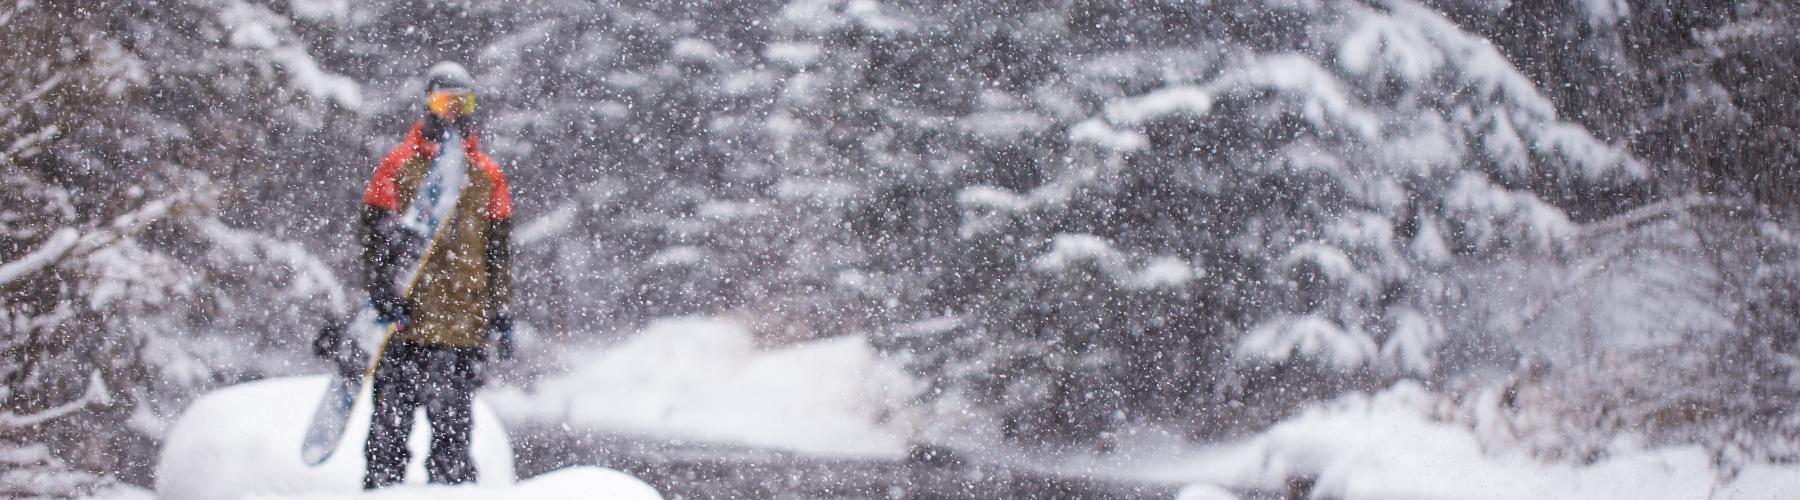 Snowboardforbundets bildegalleri cover image